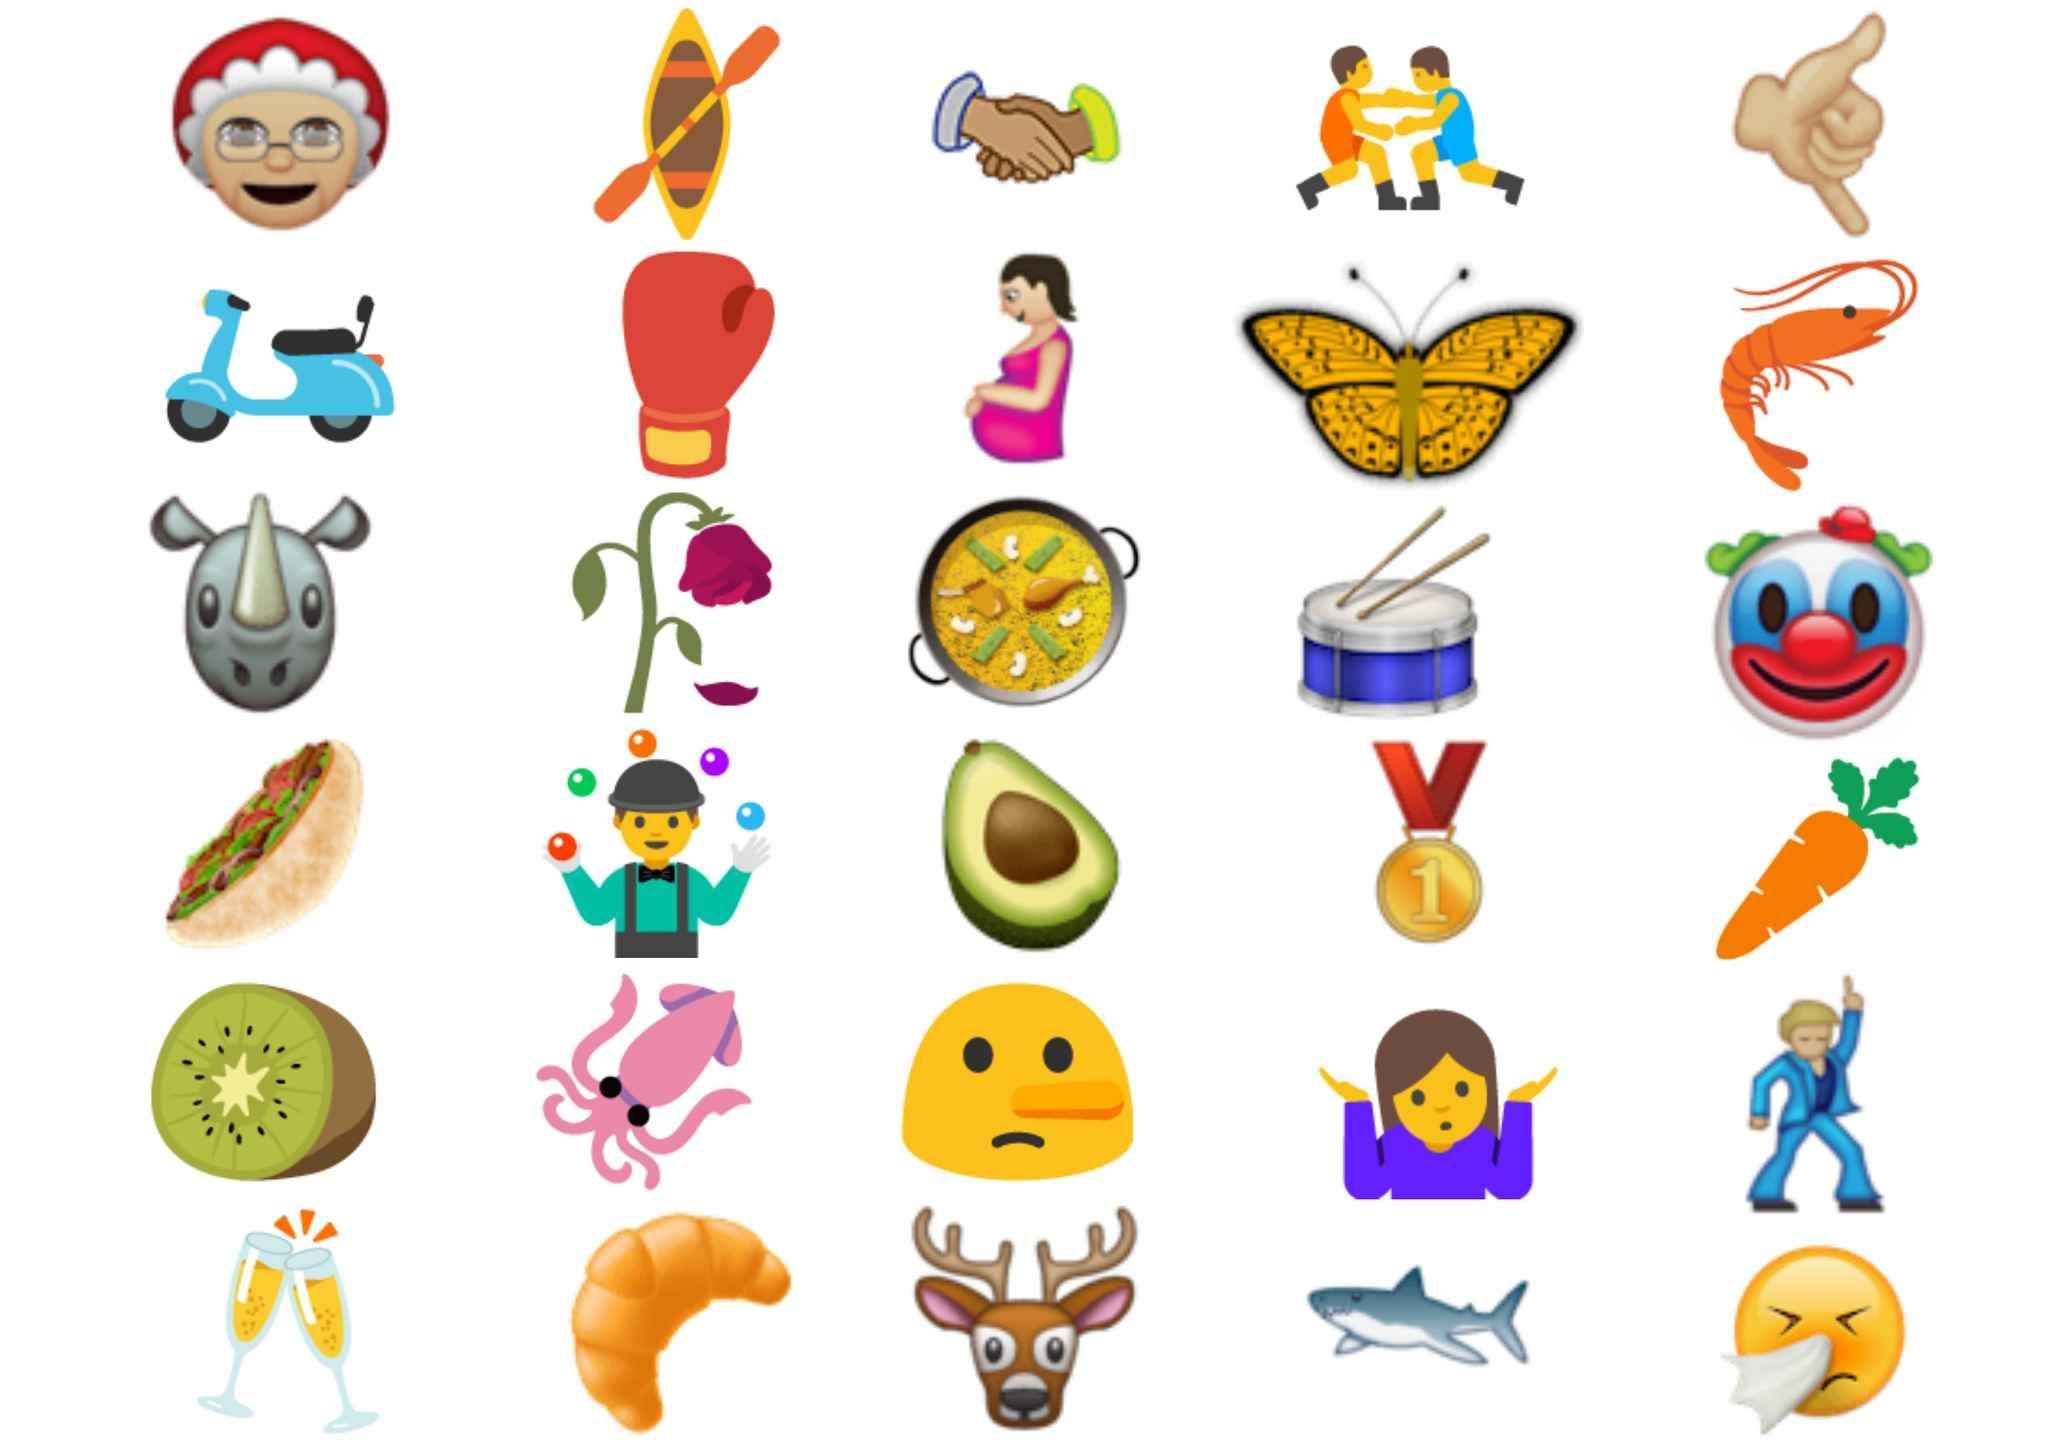 Londres : une société recherche un traducteur spécialisé en emoji